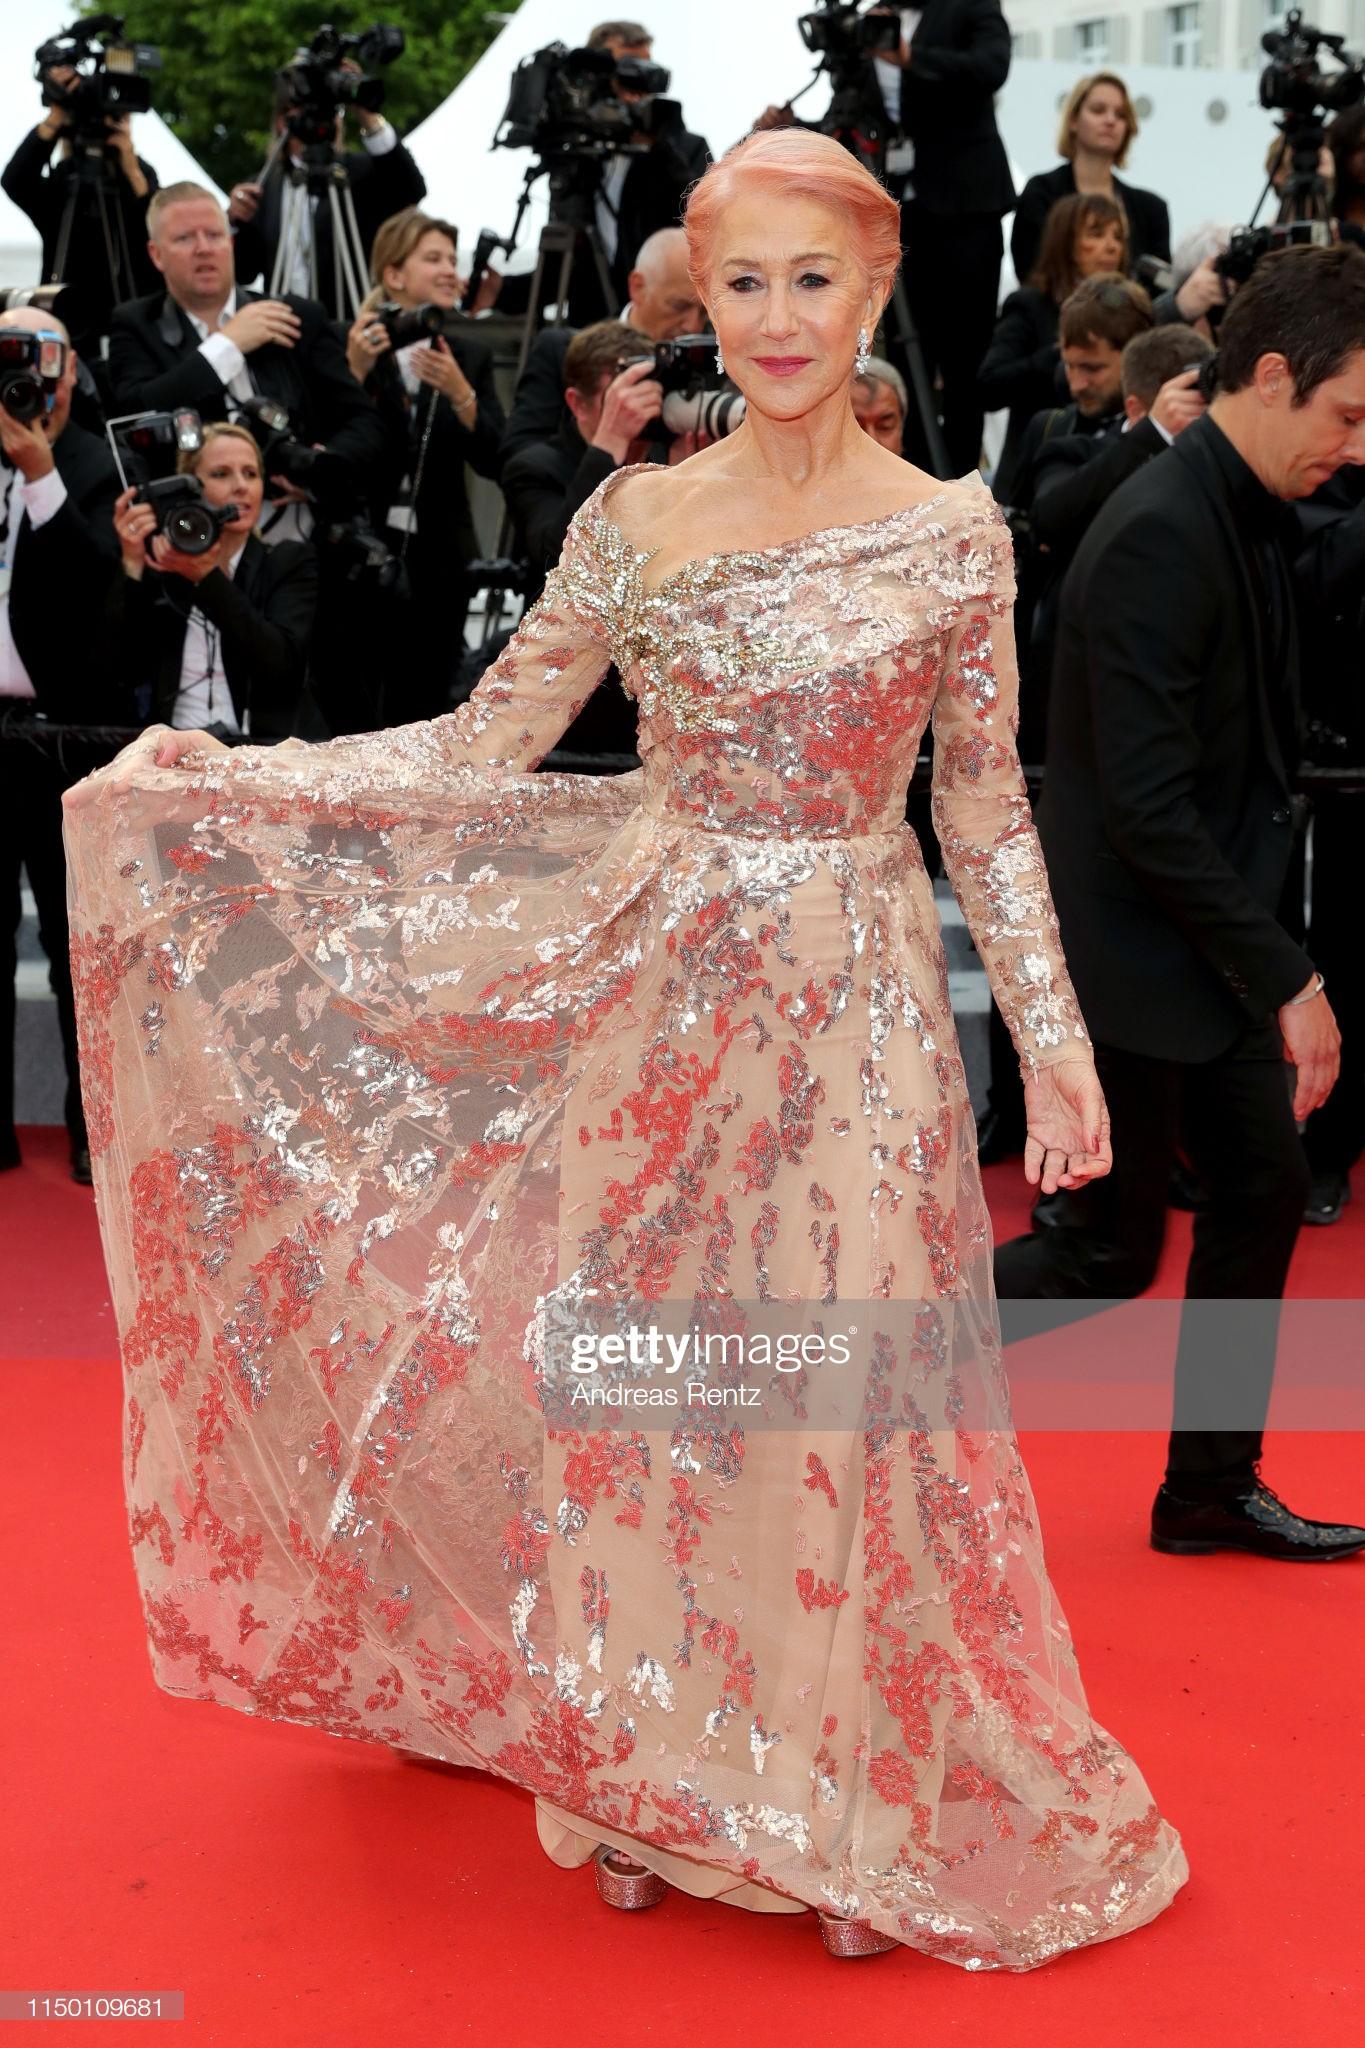 Thảm đỏ Cannes nhường spotlight cho Nick Jonas cung phụng Hoa hậu, Sui He gây sốc như không mặc gì - Ảnh 34.